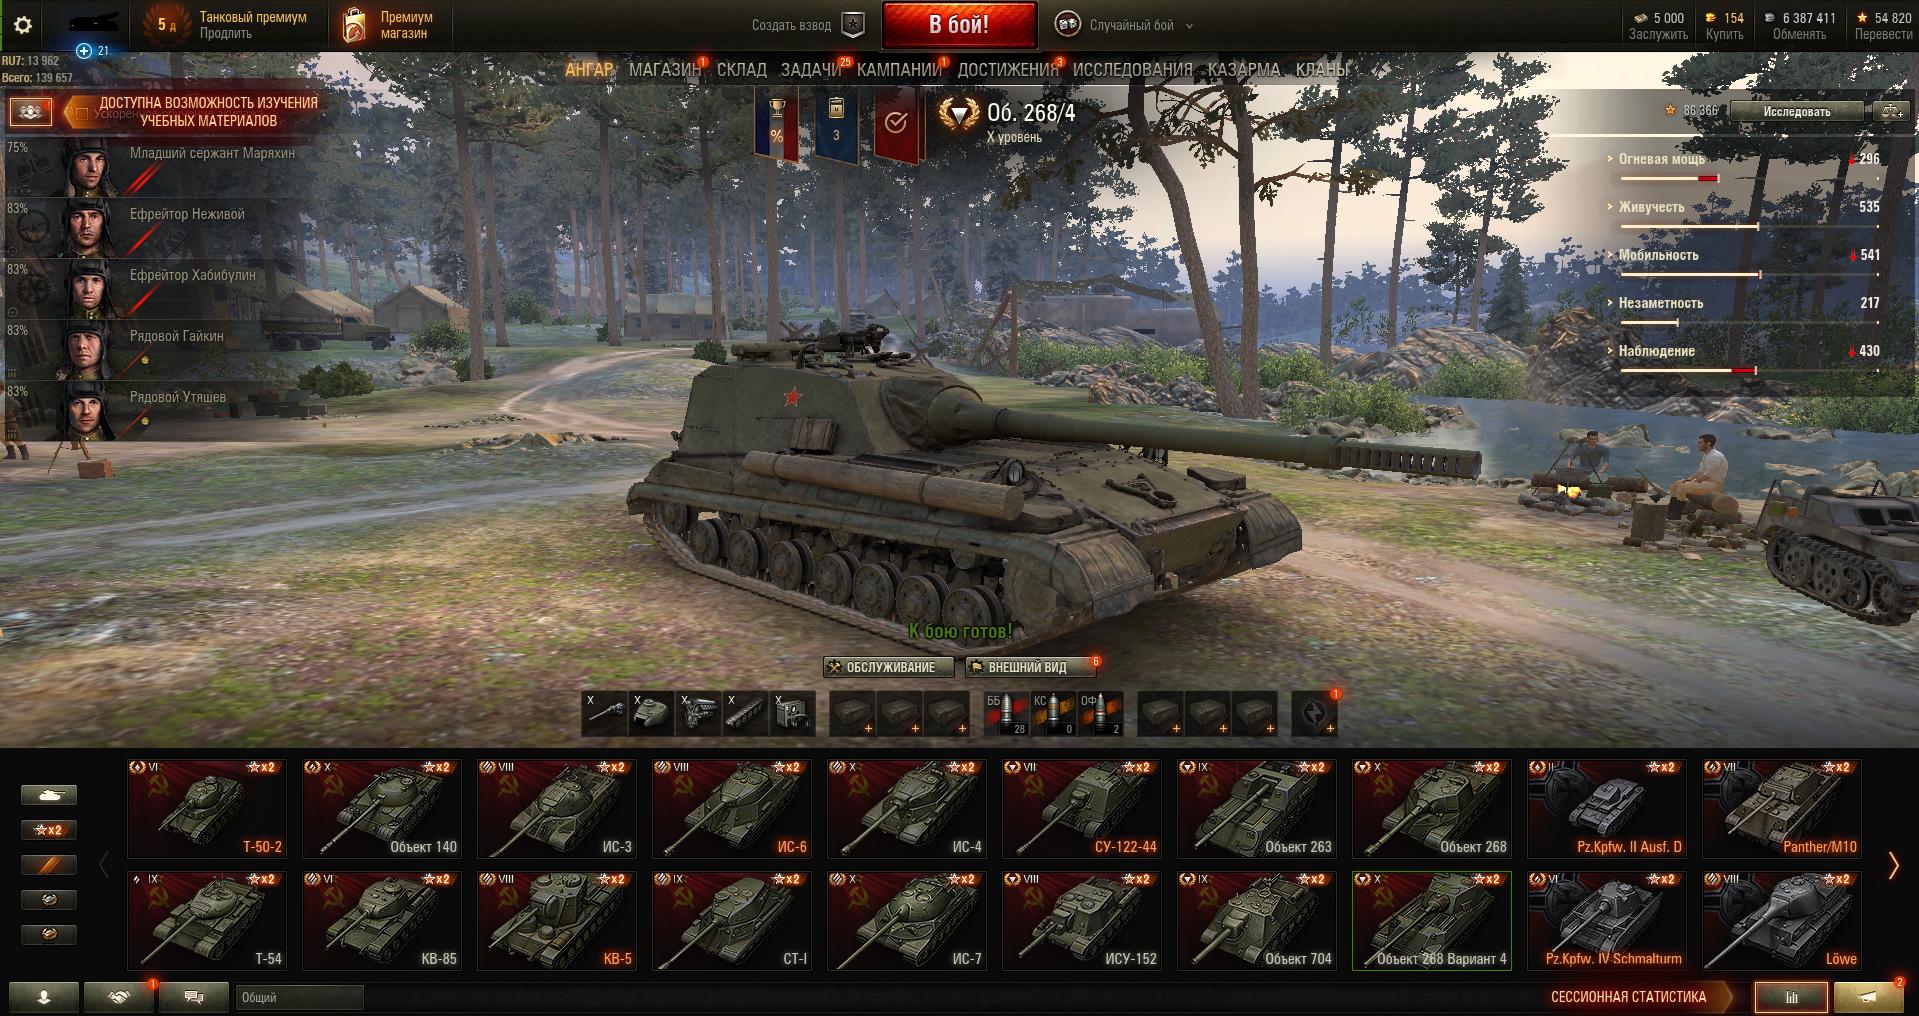 WoT (11 топов, 6 премов, всего 51 танк)